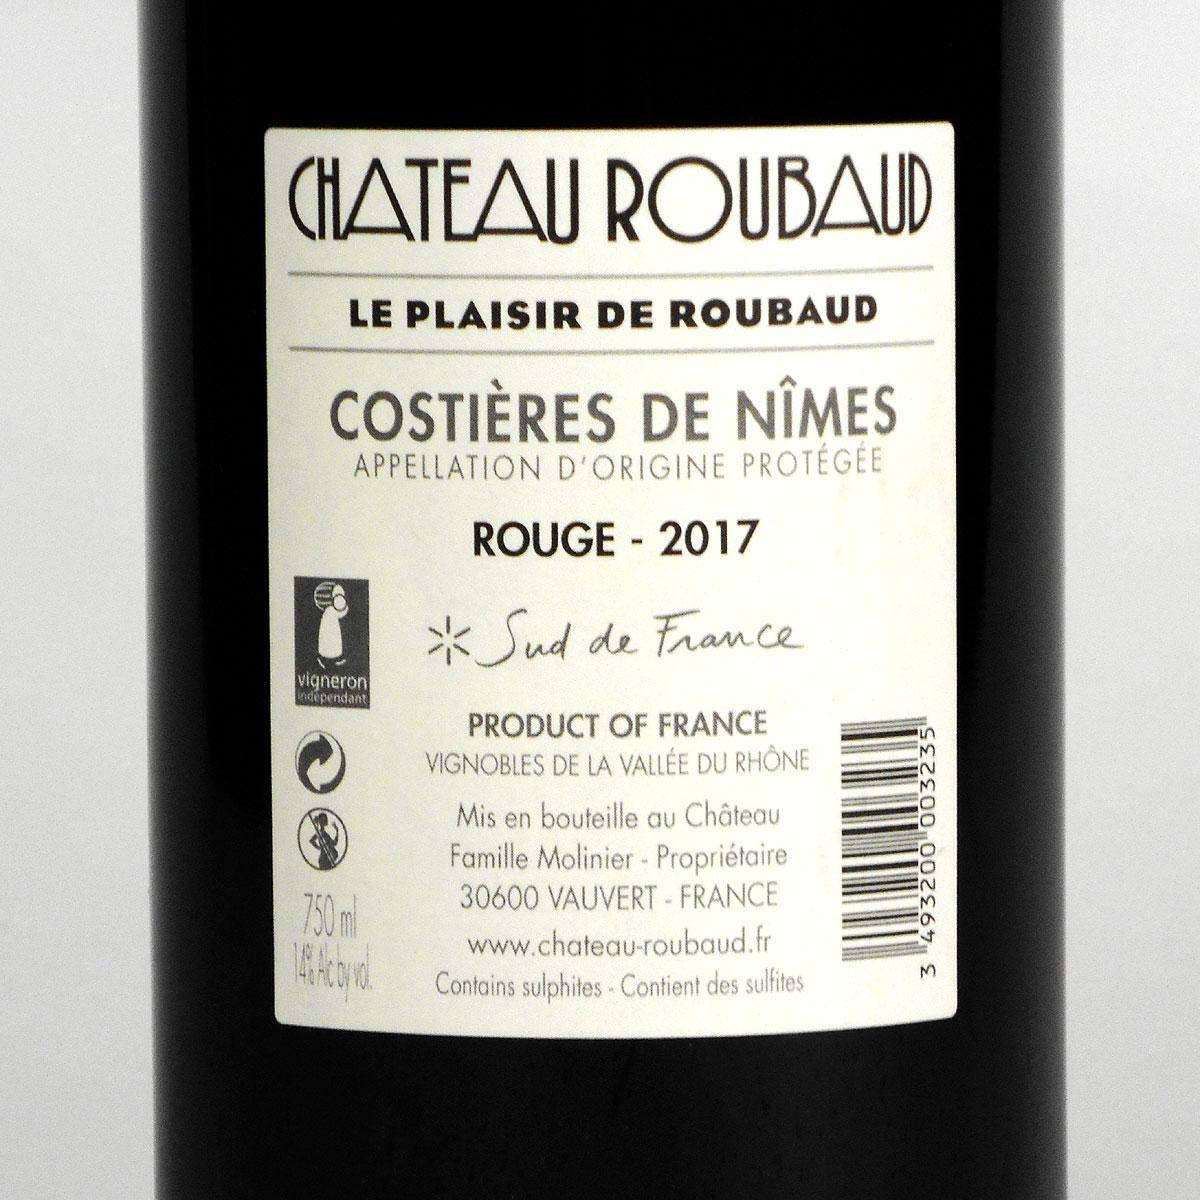 Costières de Nîmes: Château Roubaud Rouge 2017 - Bottle Rear Label